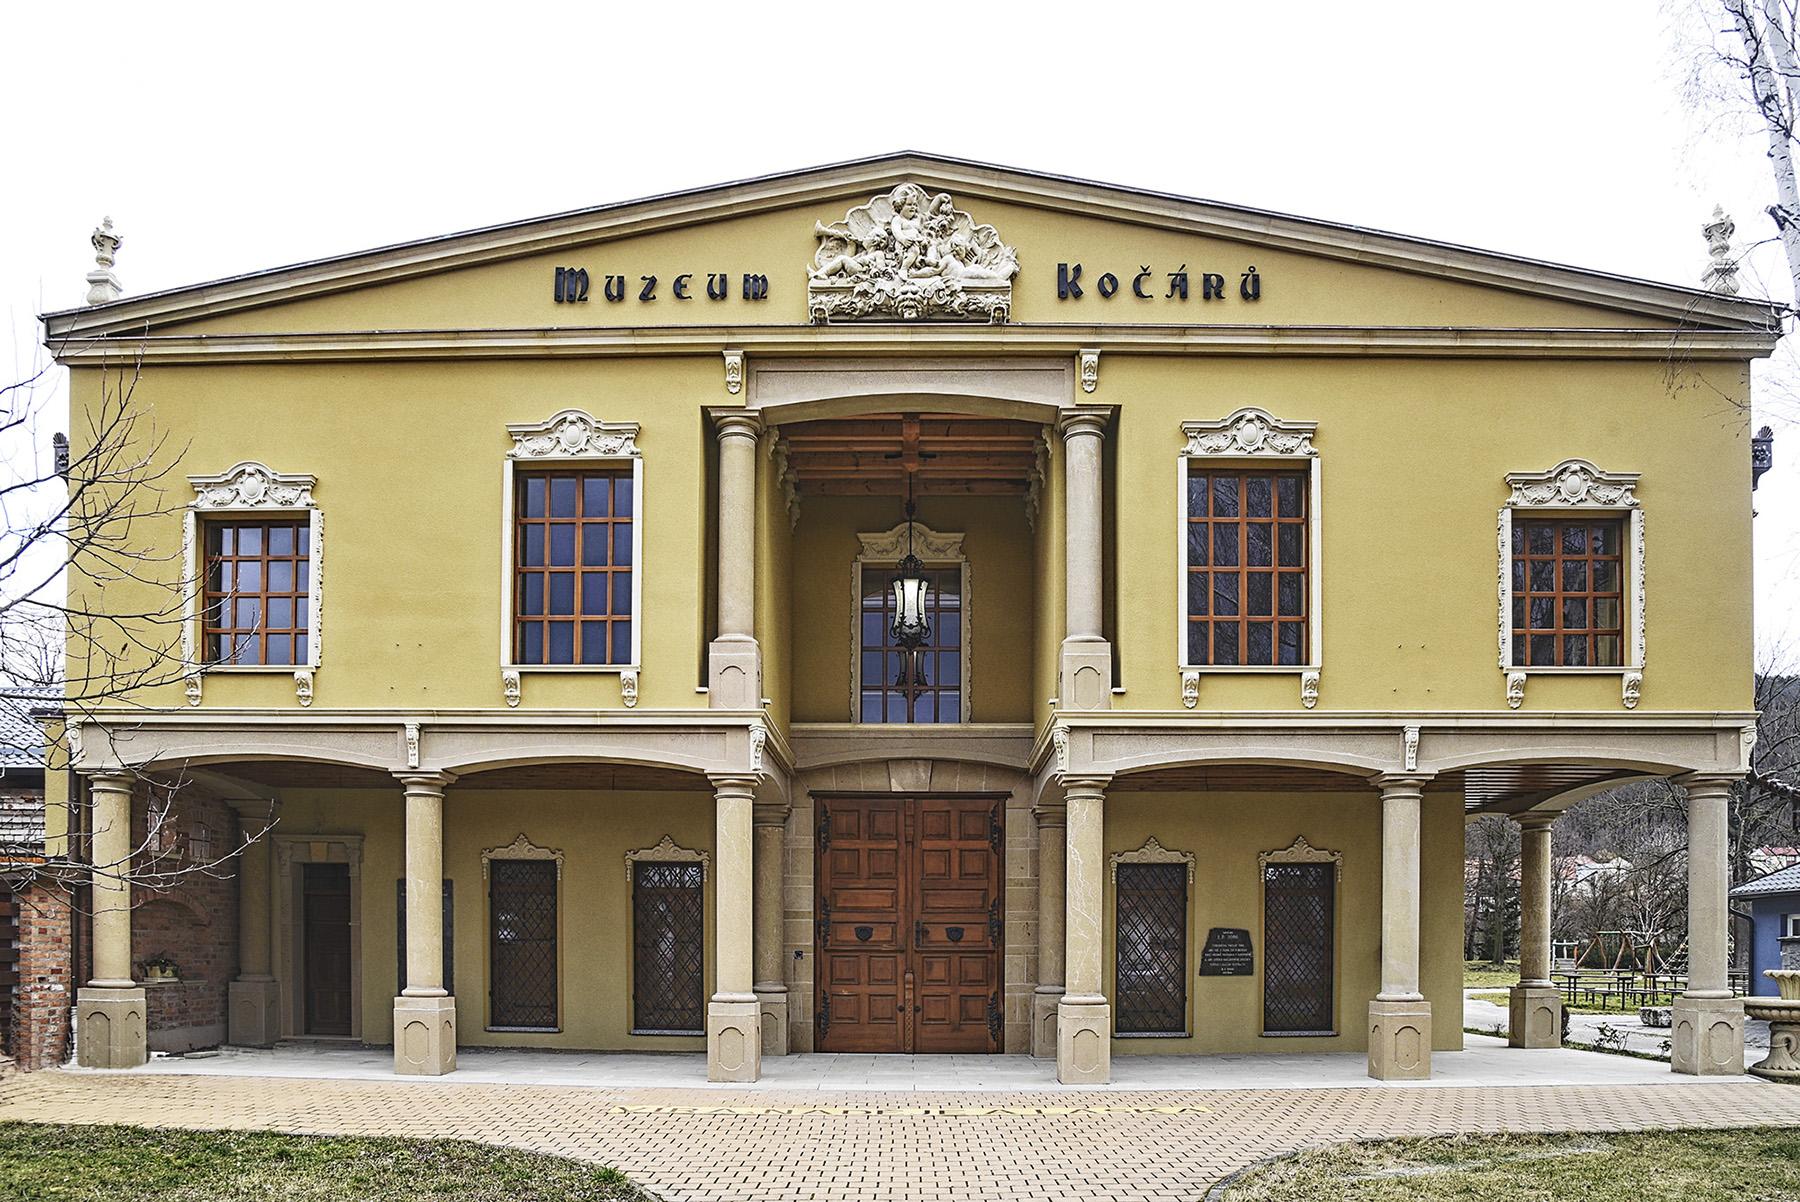 Odklad slavnostního otevření Muzea kočárů